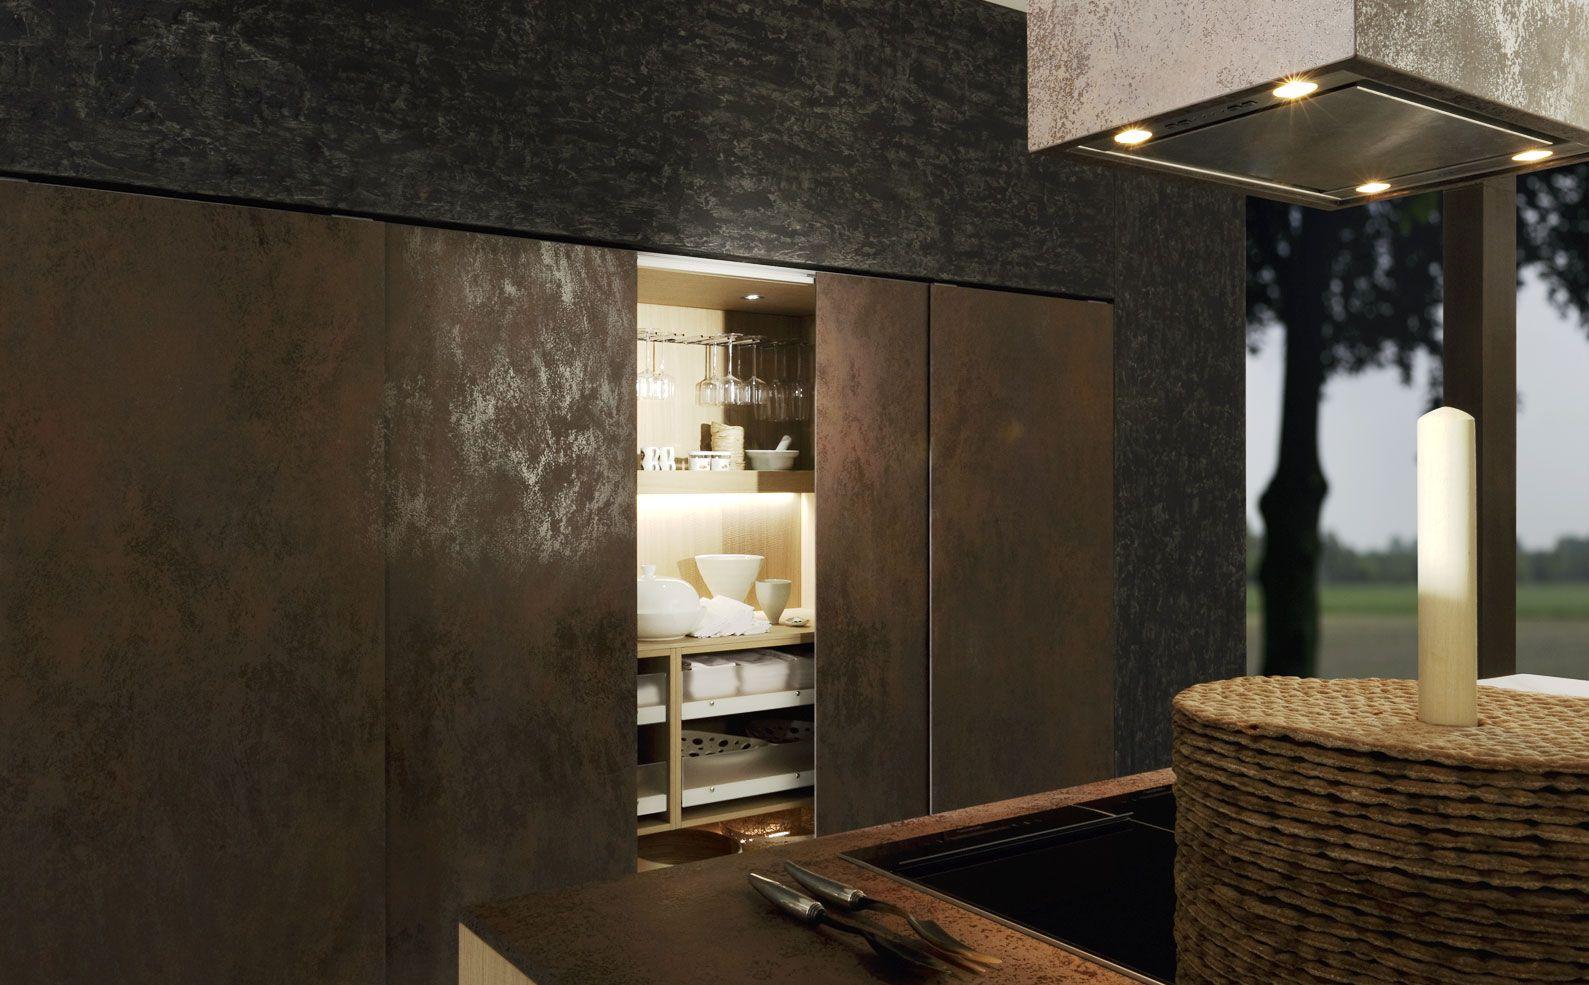 rational einbauküchen - | open kitchen | Pinterest | Küche